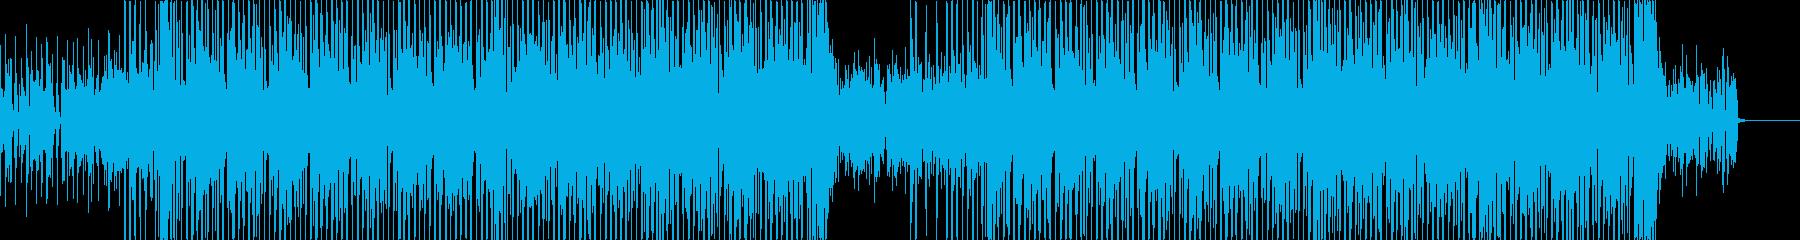 【シンセ抜き】軽快なギターのお洒落ハウスの再生済みの波形